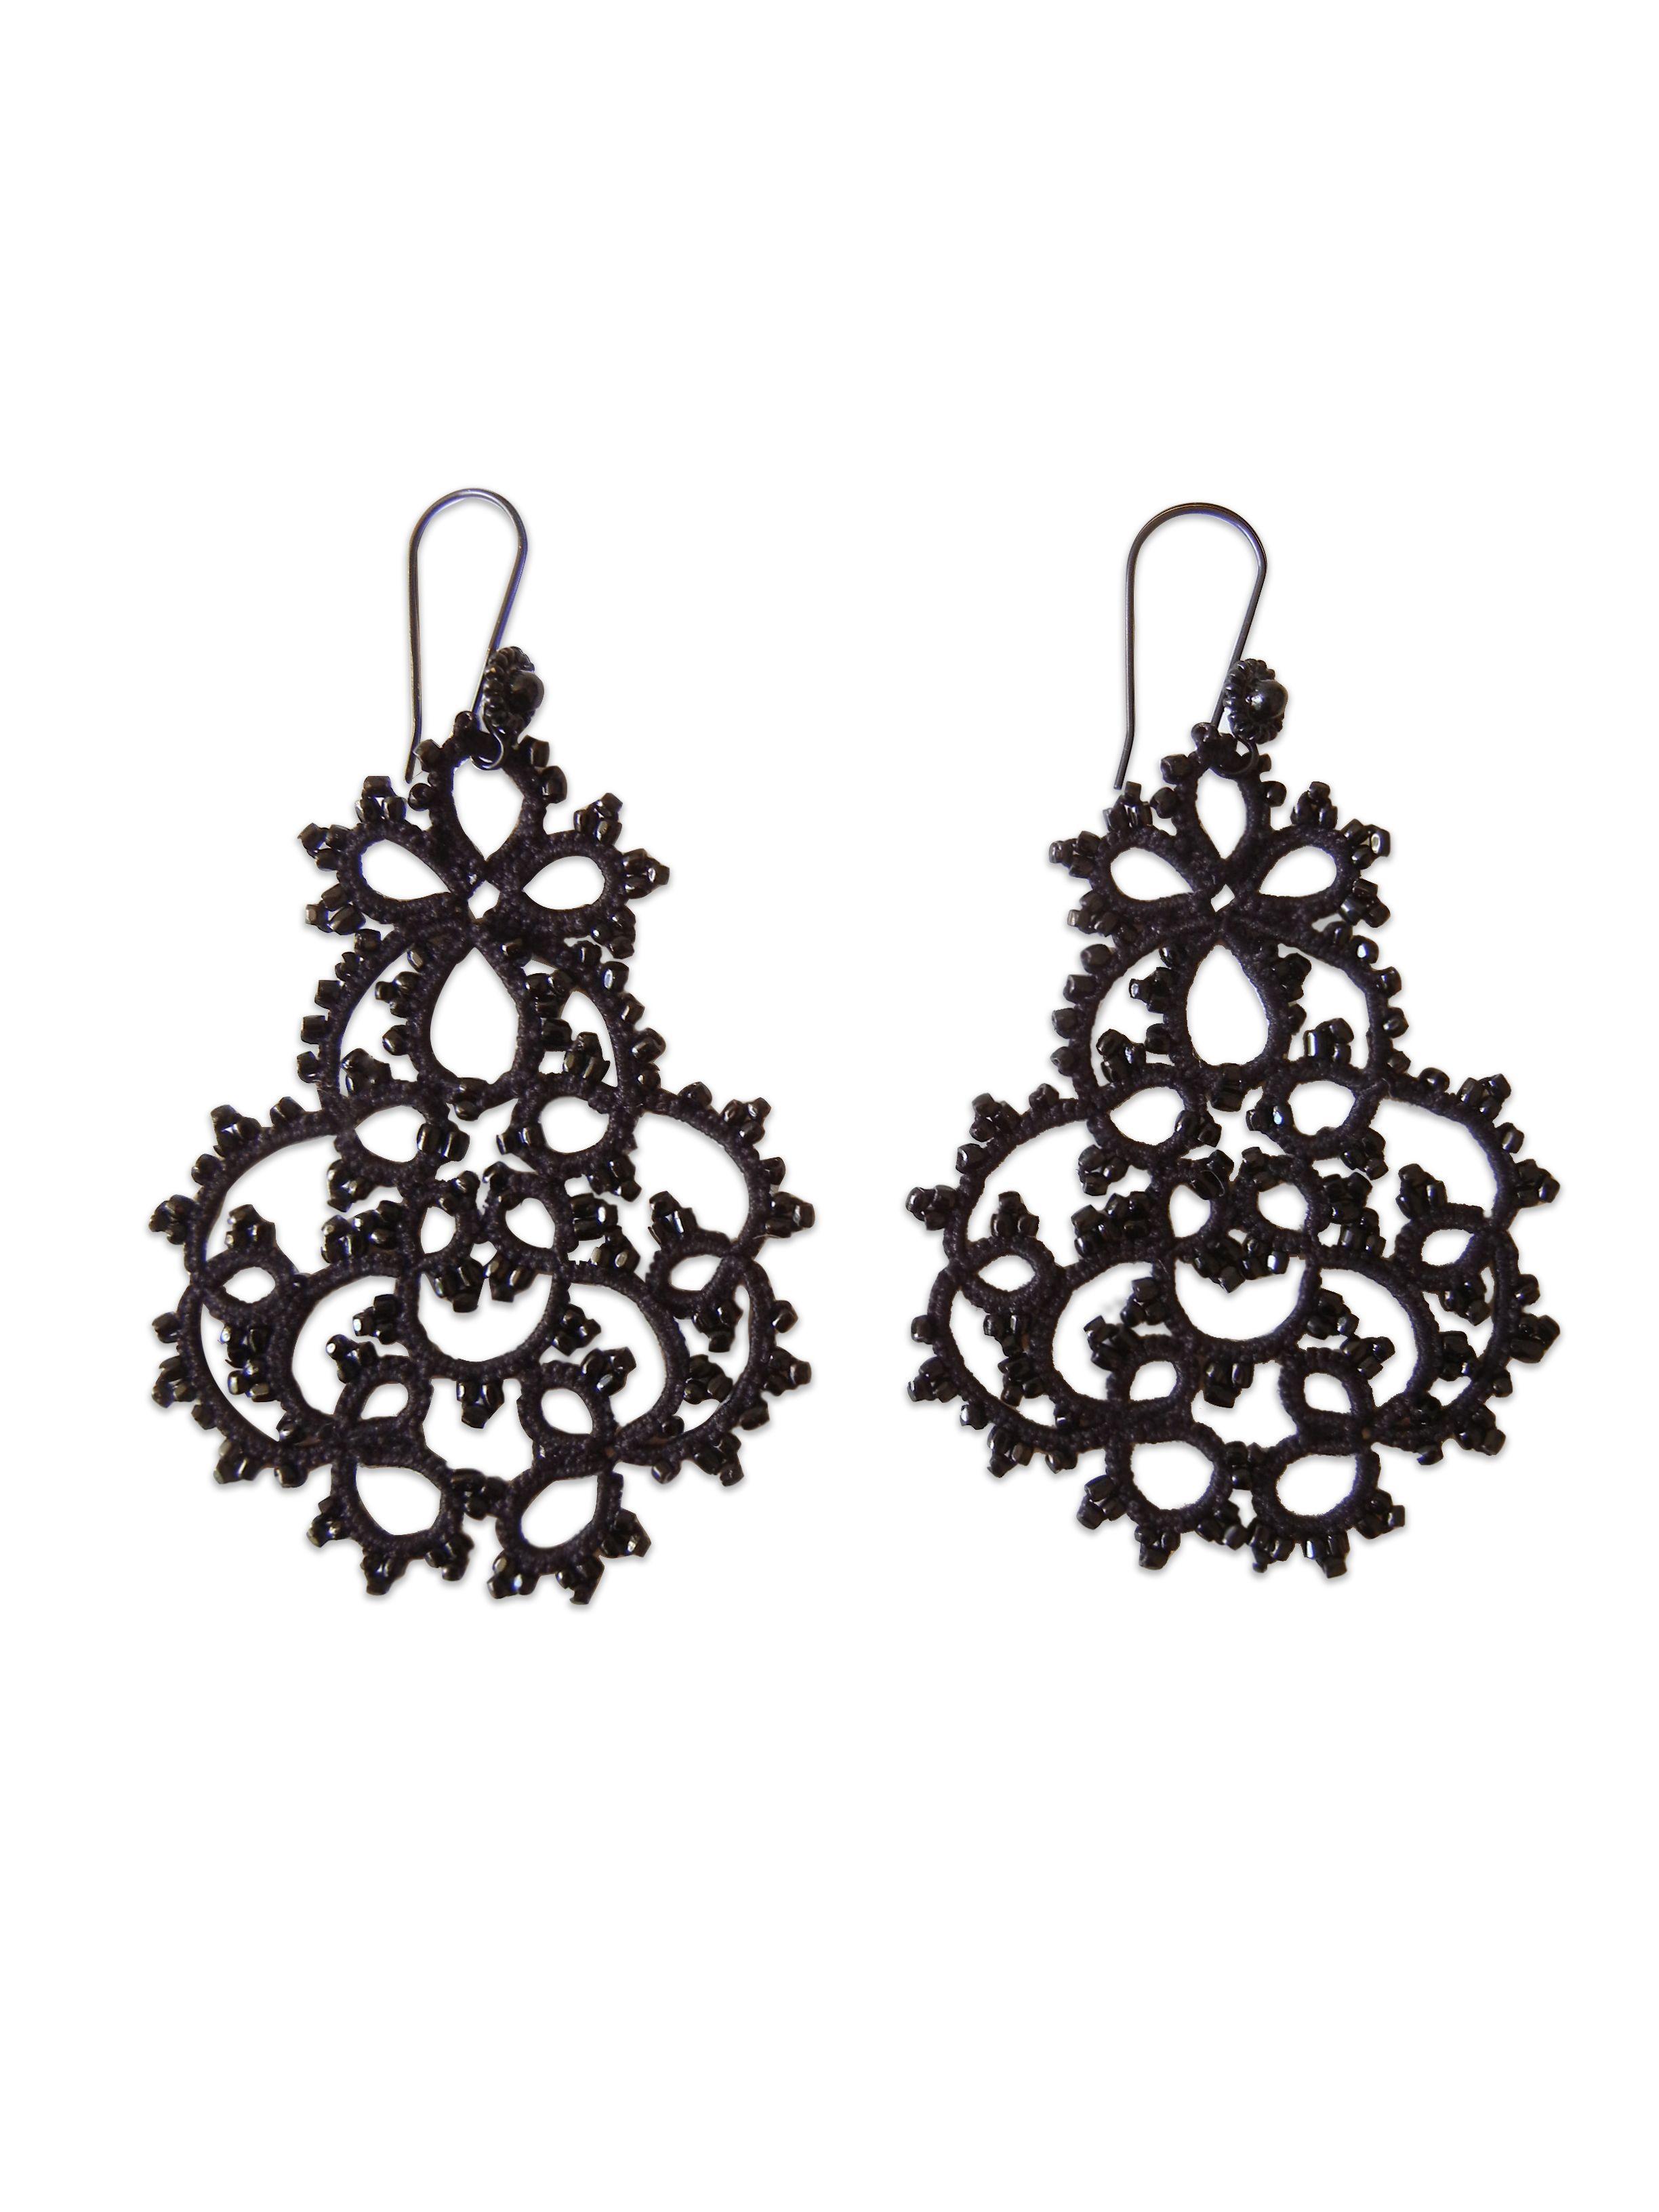 Lorina Beaded Lace Large Chandelier Earrings Black Mikimoie